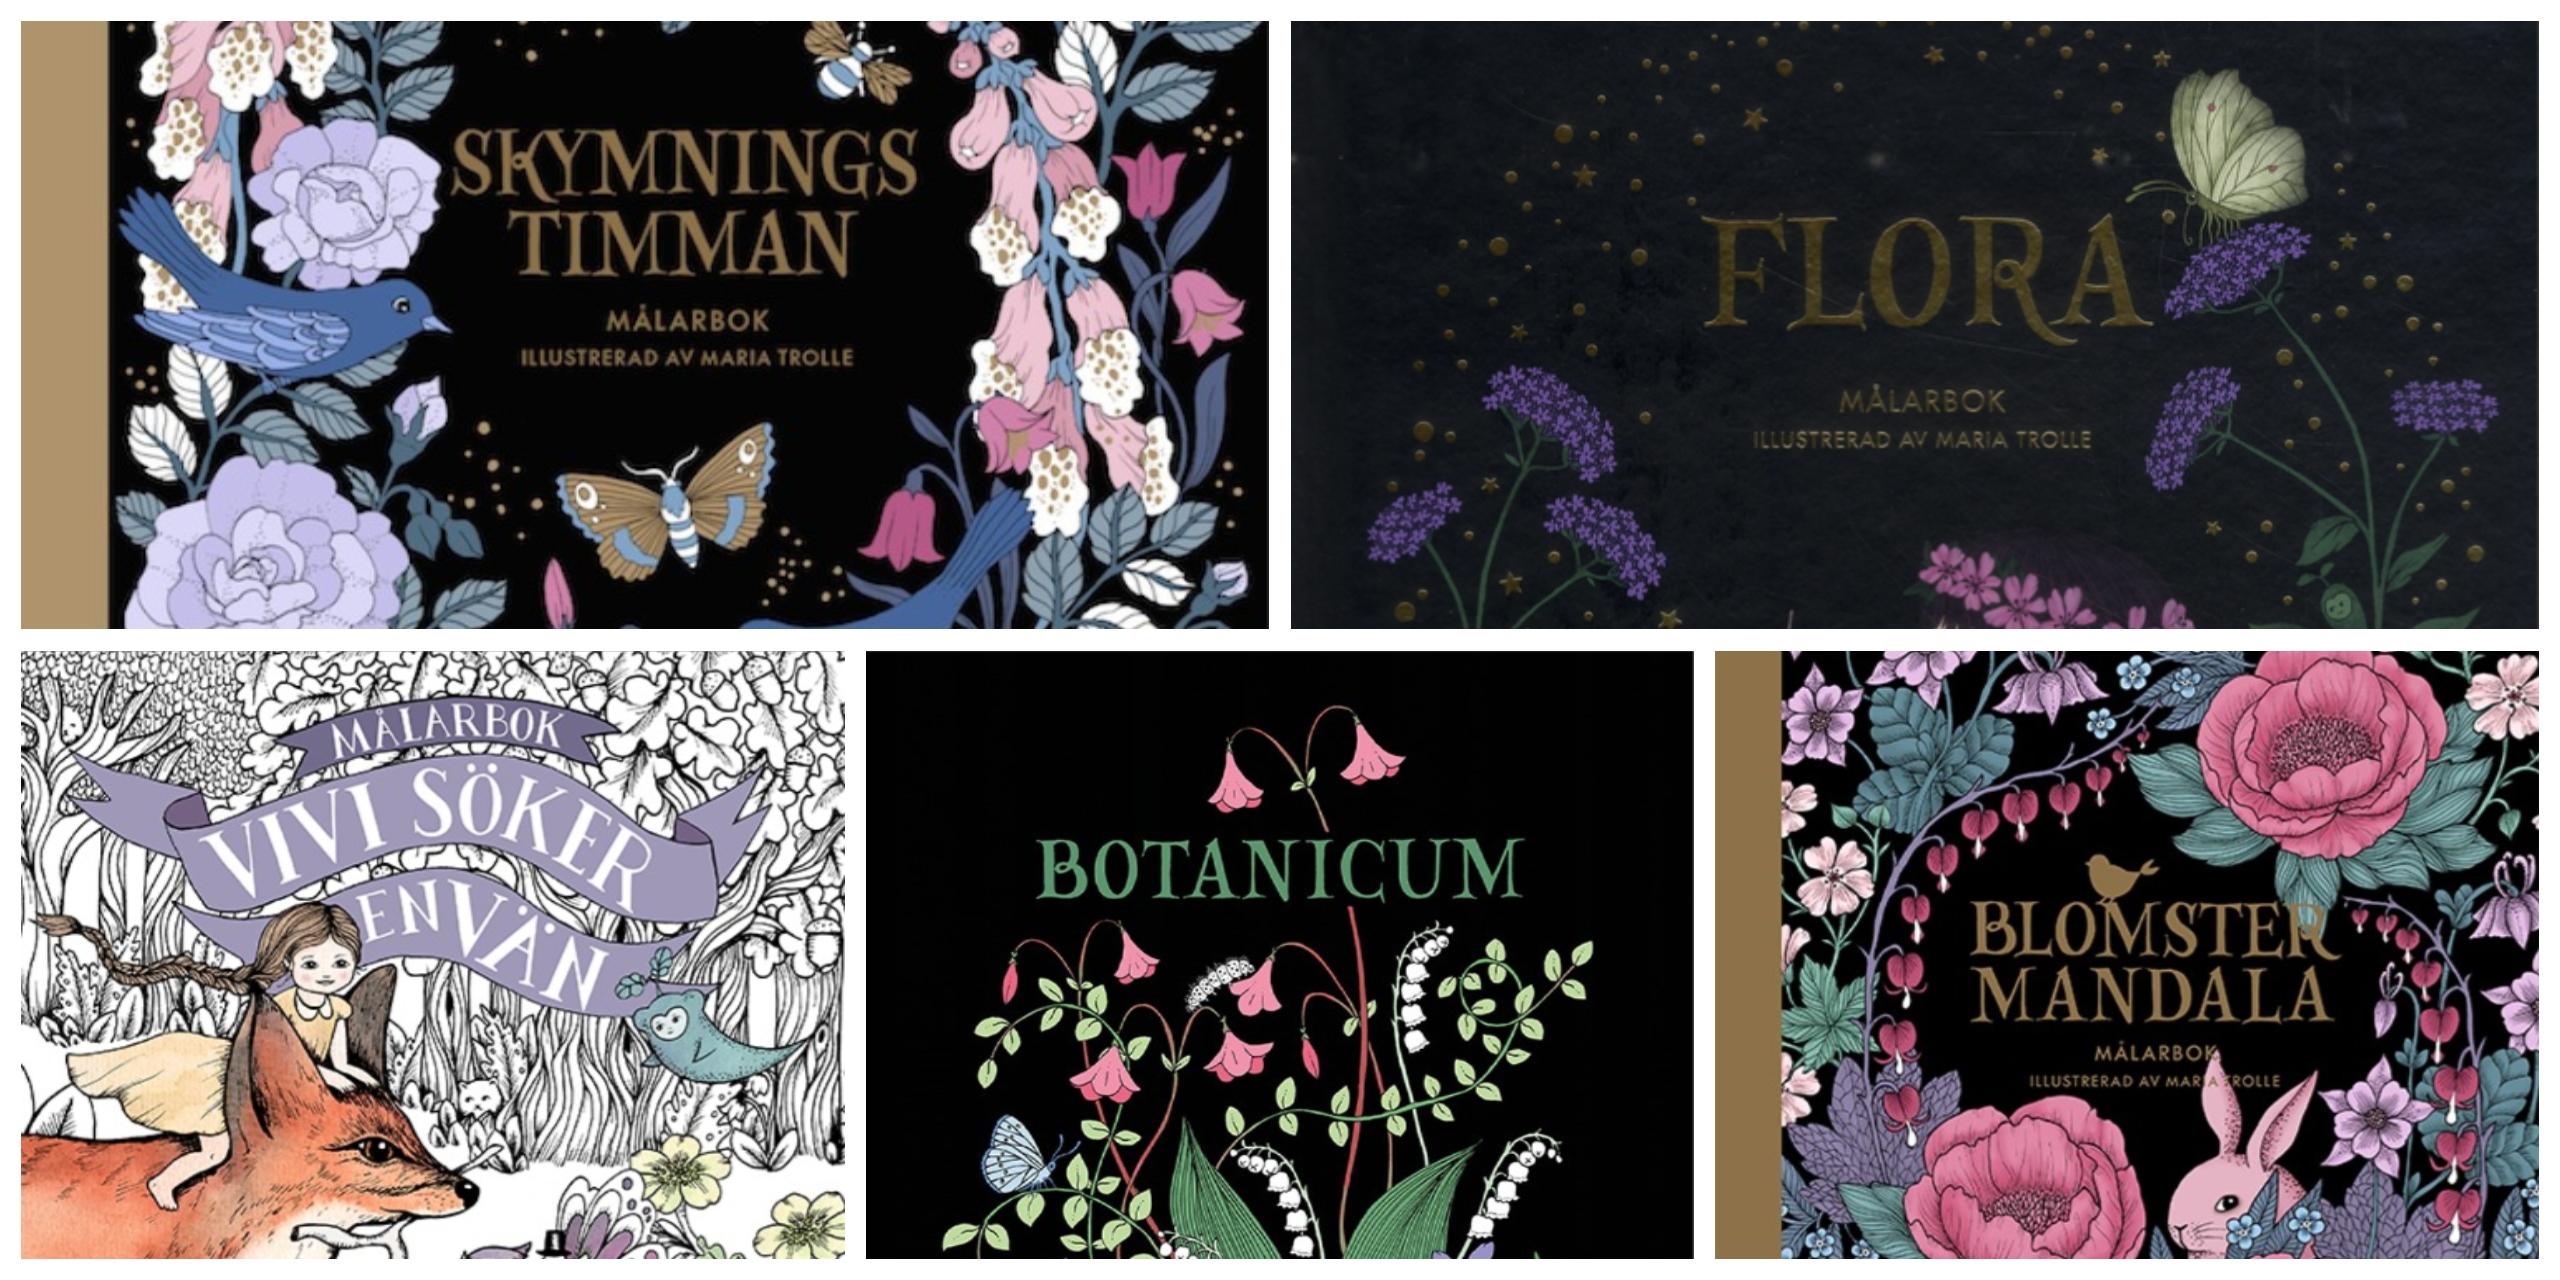 Maria Trole books